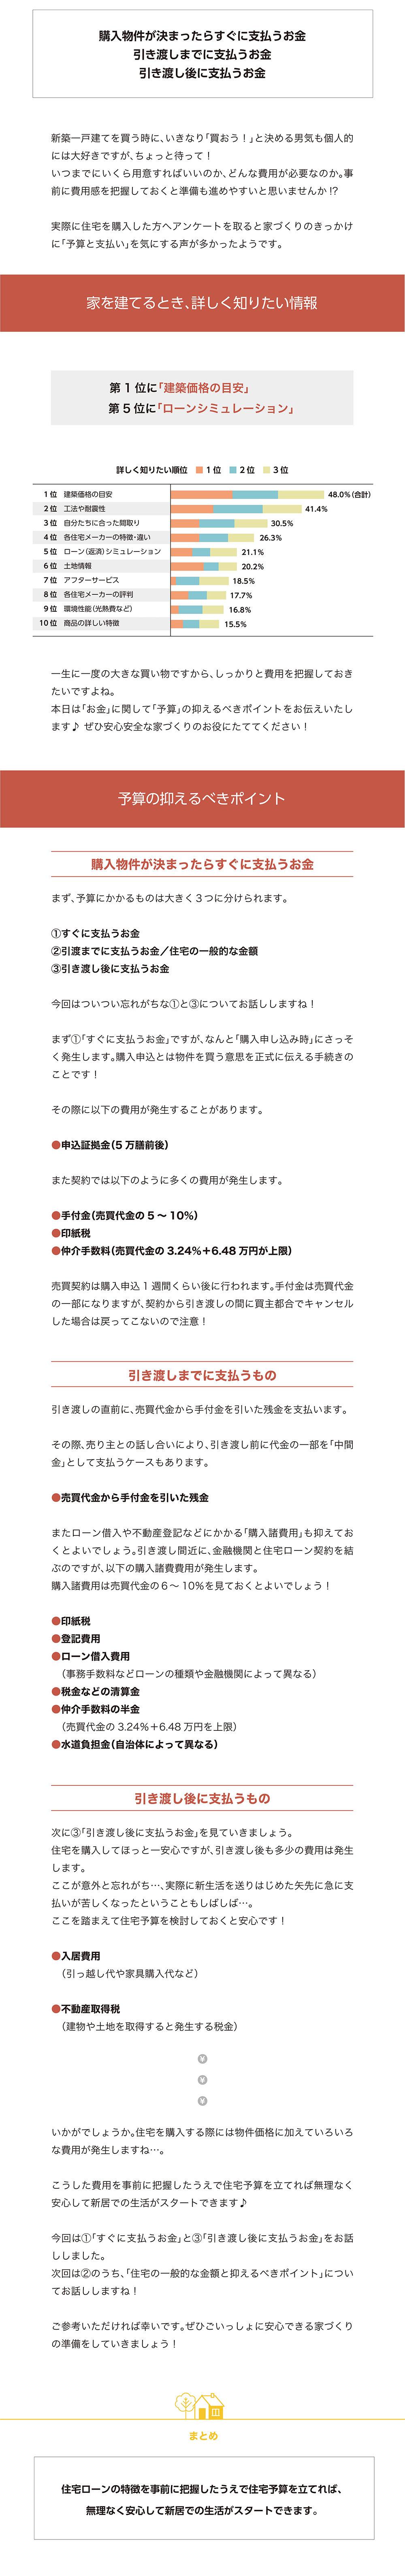 shikin_002